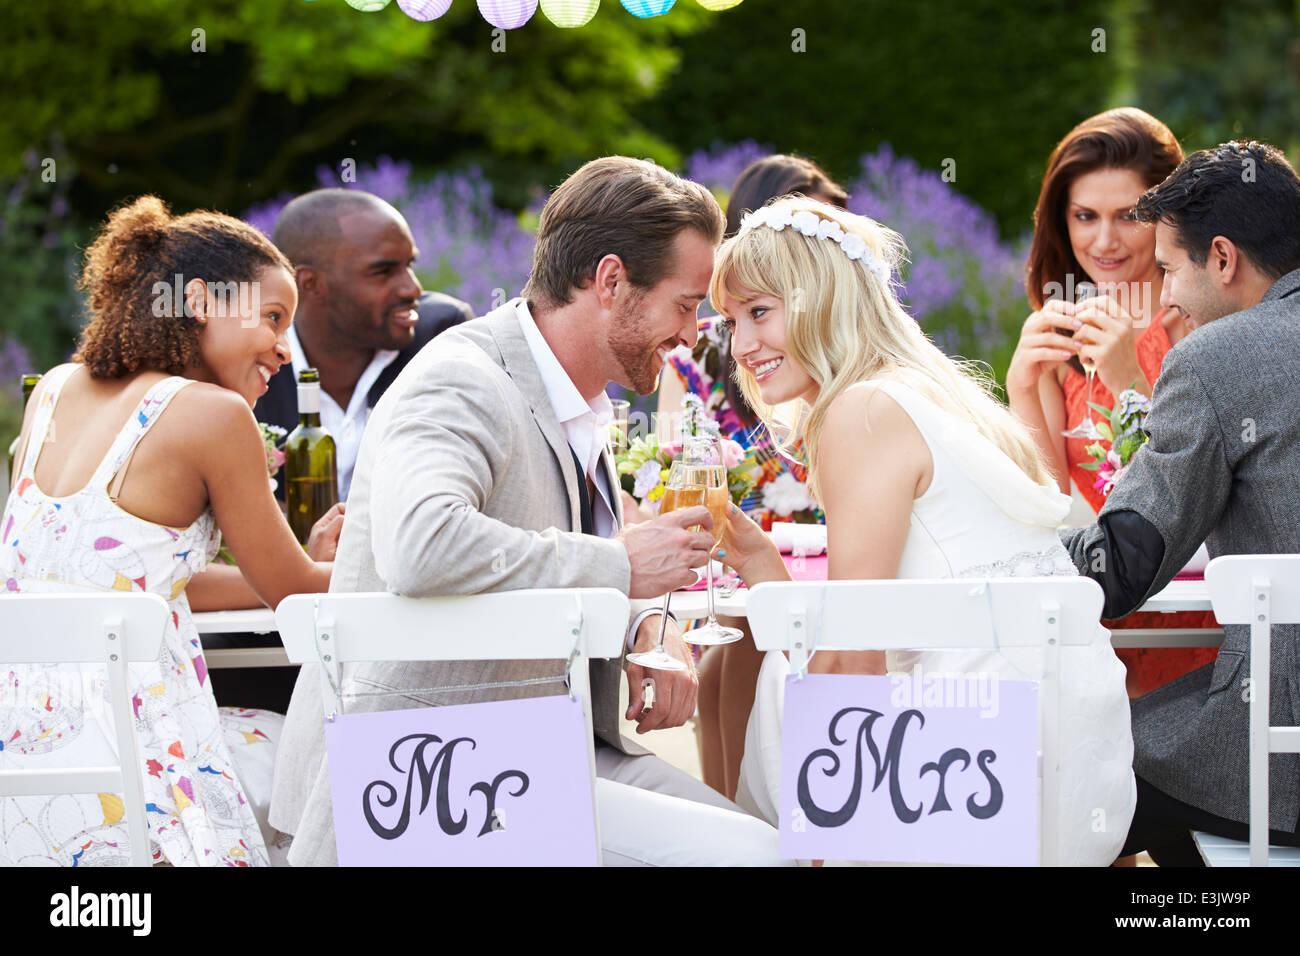 Braut und Bräutigam genießen Mahlzeit bei Hochzeitsfeier Stockbild